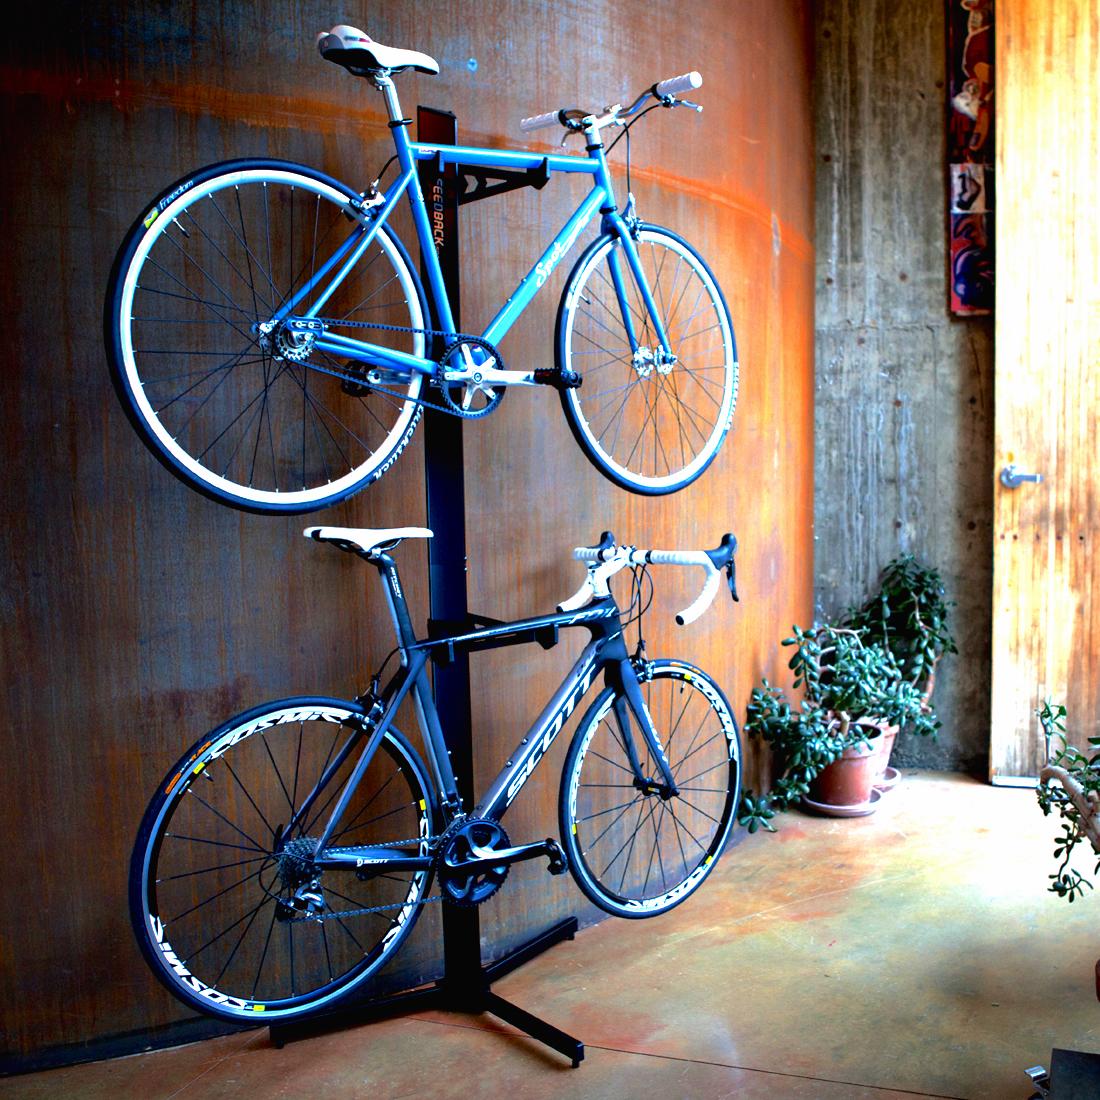 Double Home Bike Storage Rack